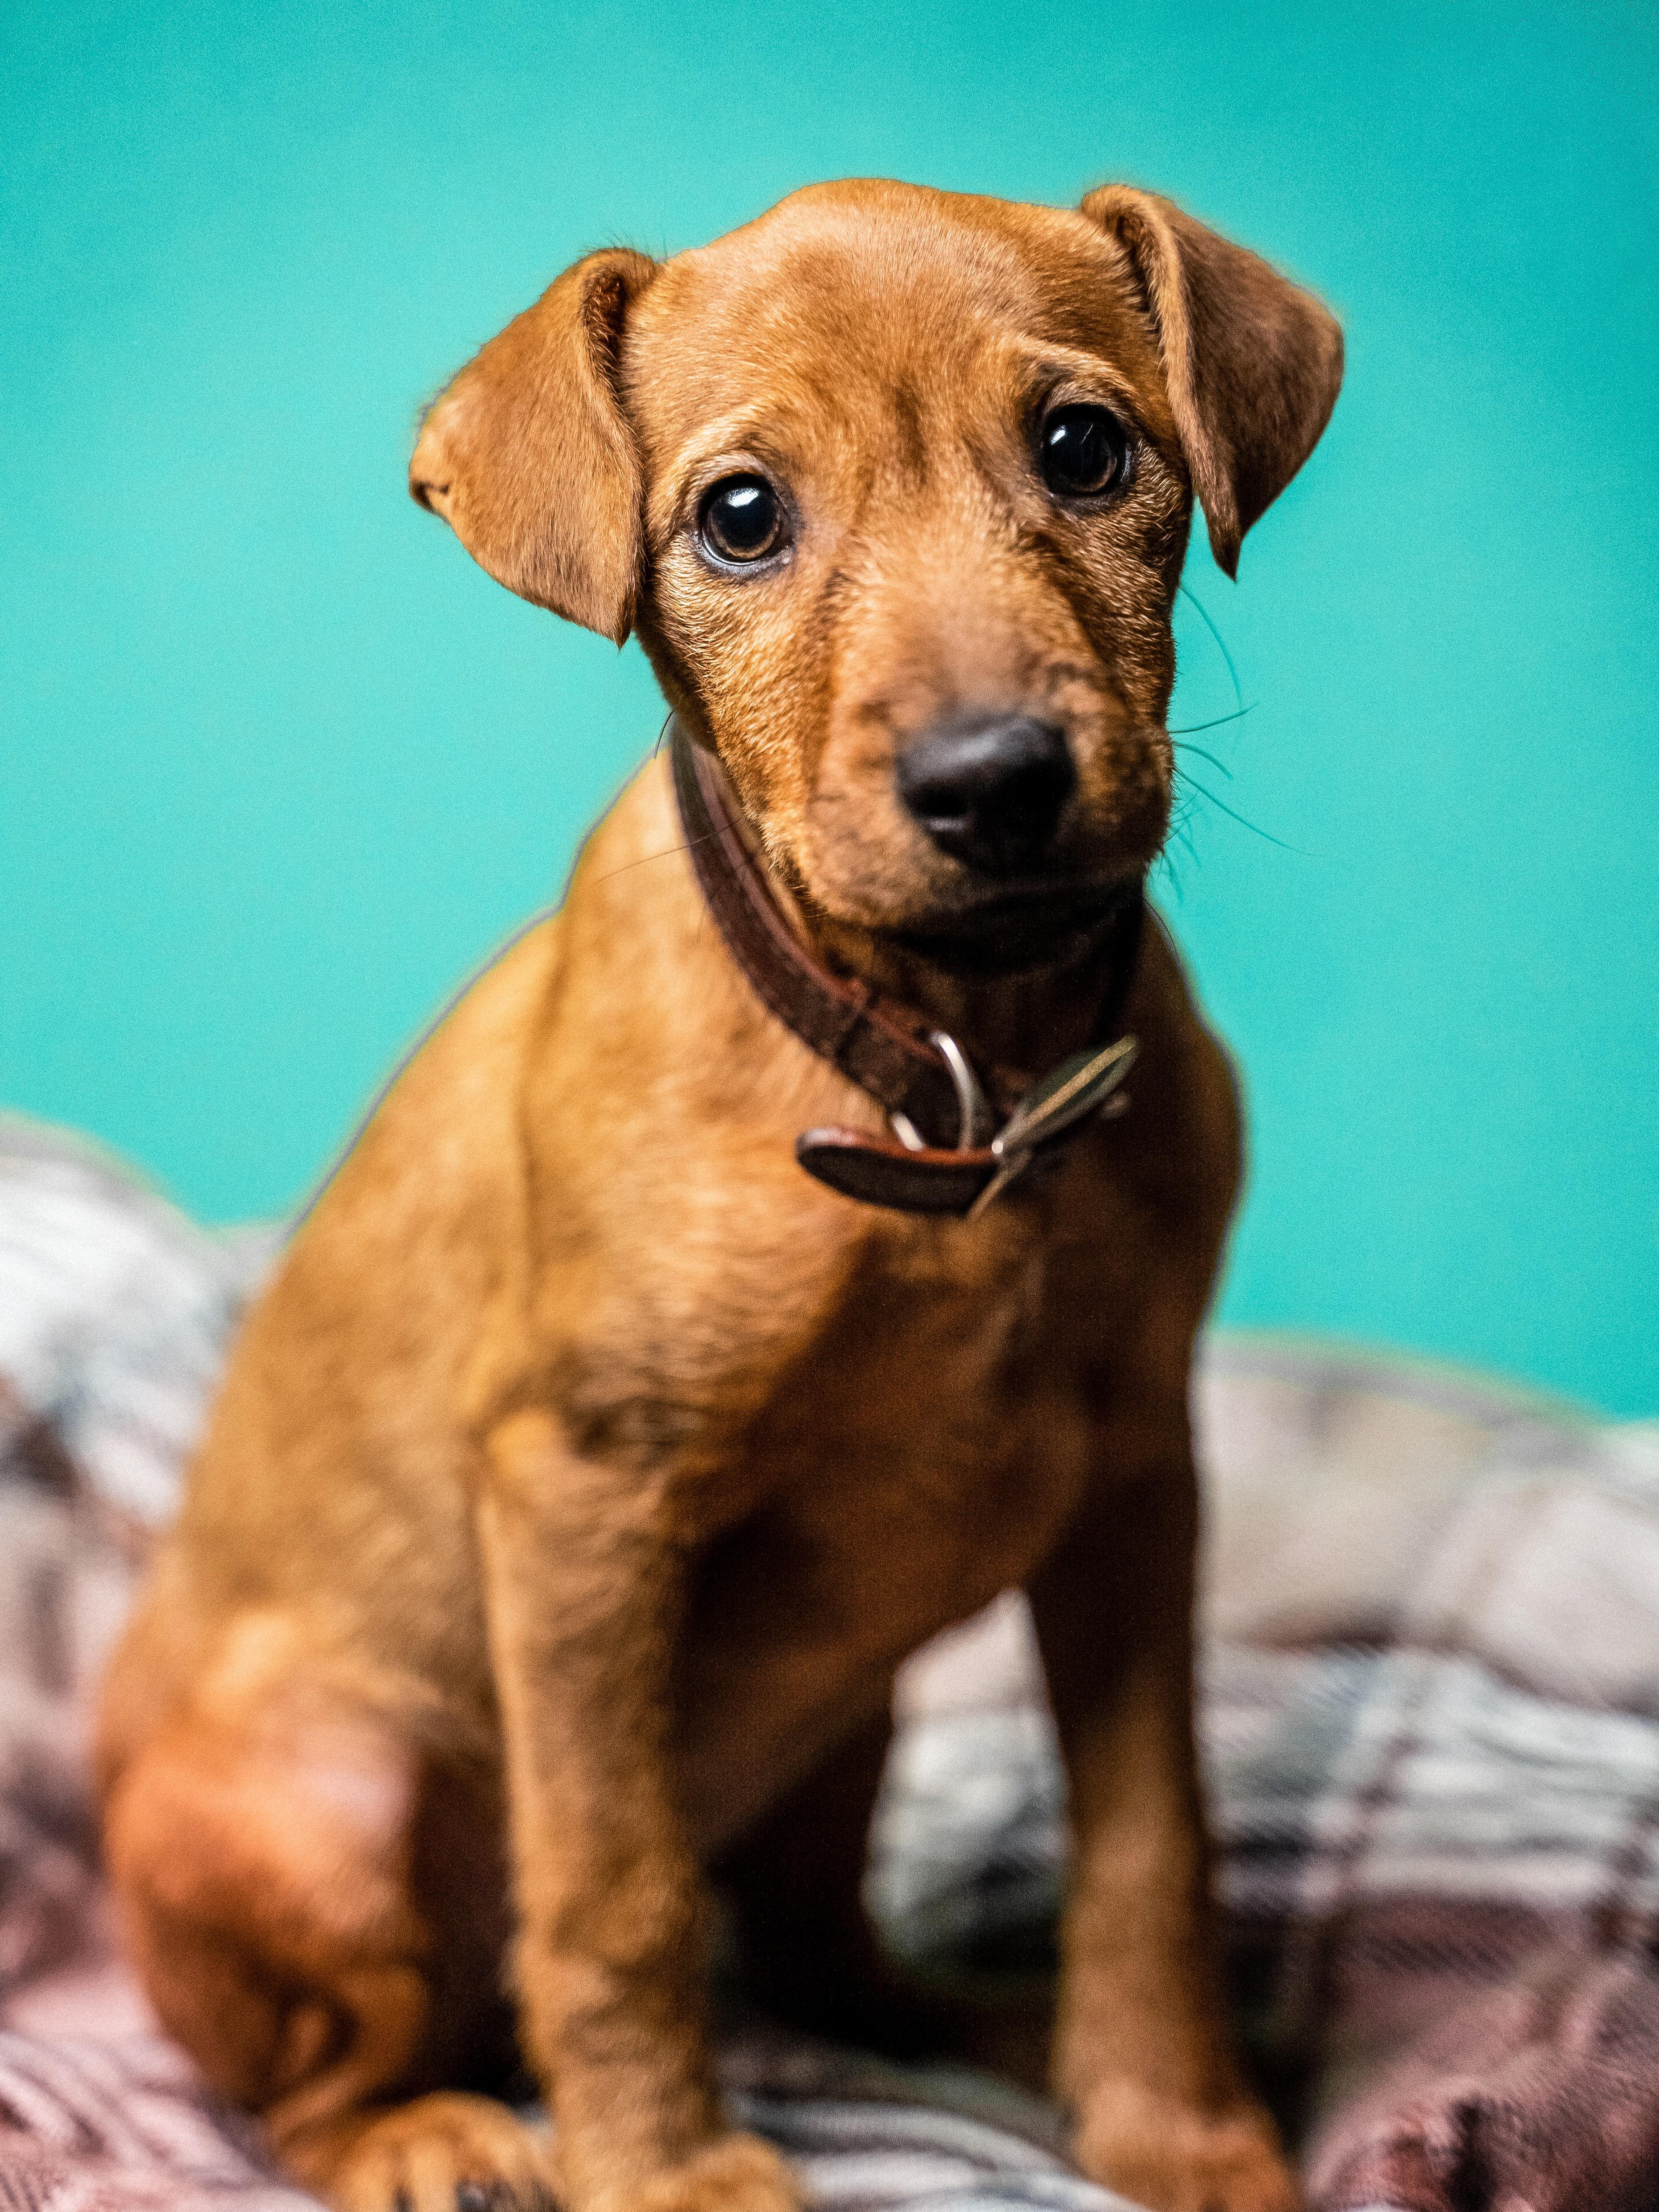 113450 Hintergrundbild herunterladen Tiere, Hund, Haustier, Sicht, Meinung, Nett, Schatz, Zwergpinscher, Zwergpincher - Bildschirmschoner und Bilder kostenlos